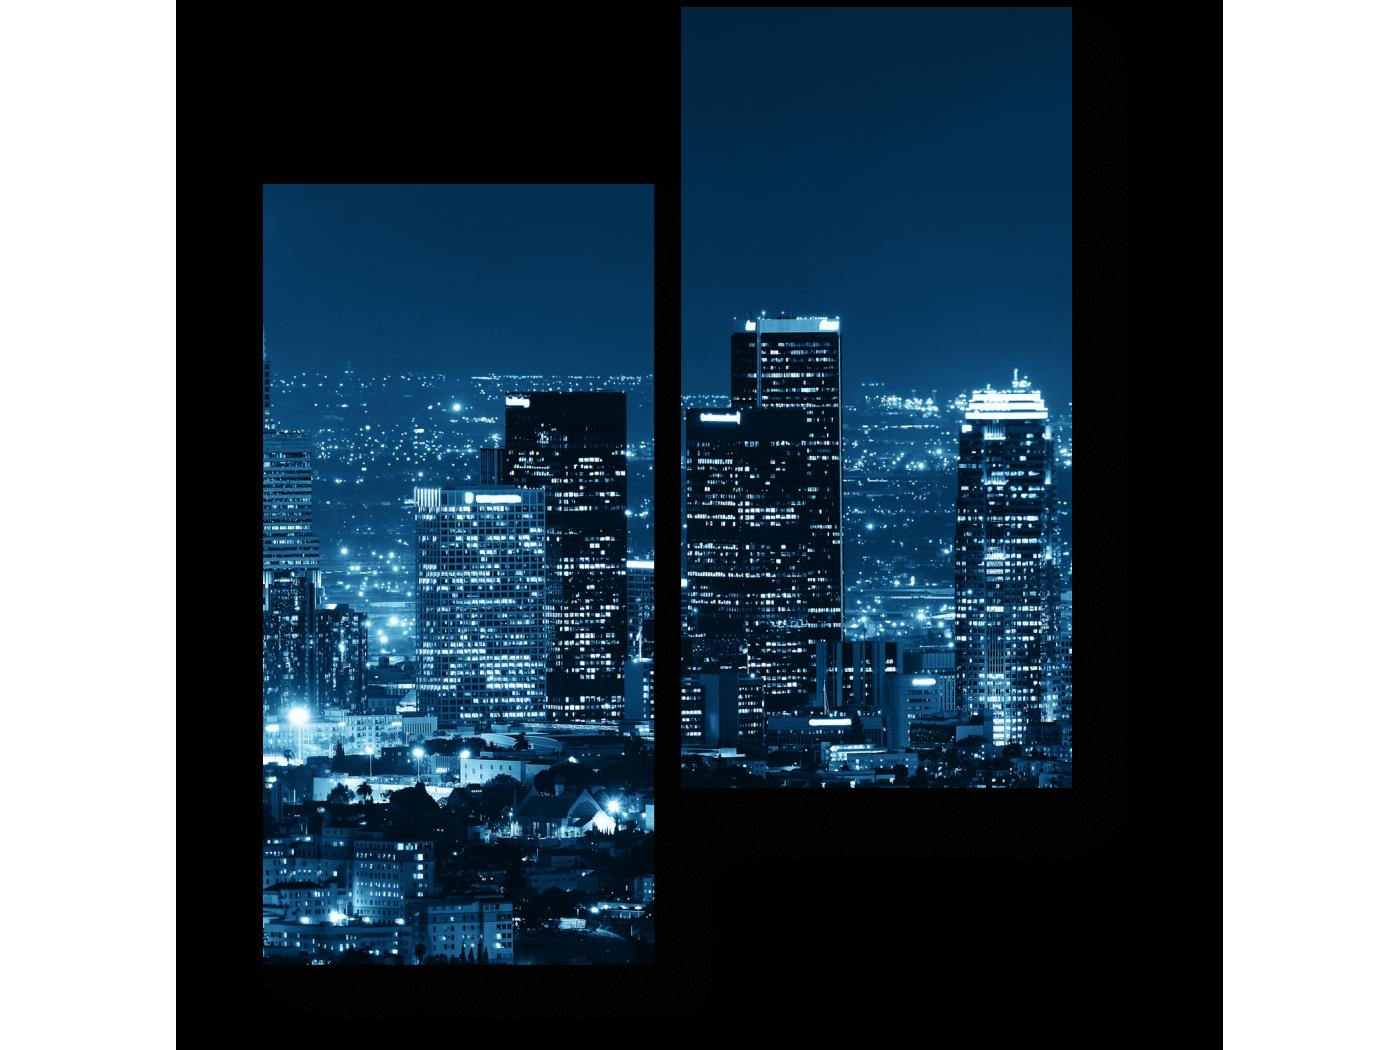 Модульная картина Урбанистический пейзаж (40x50) фото